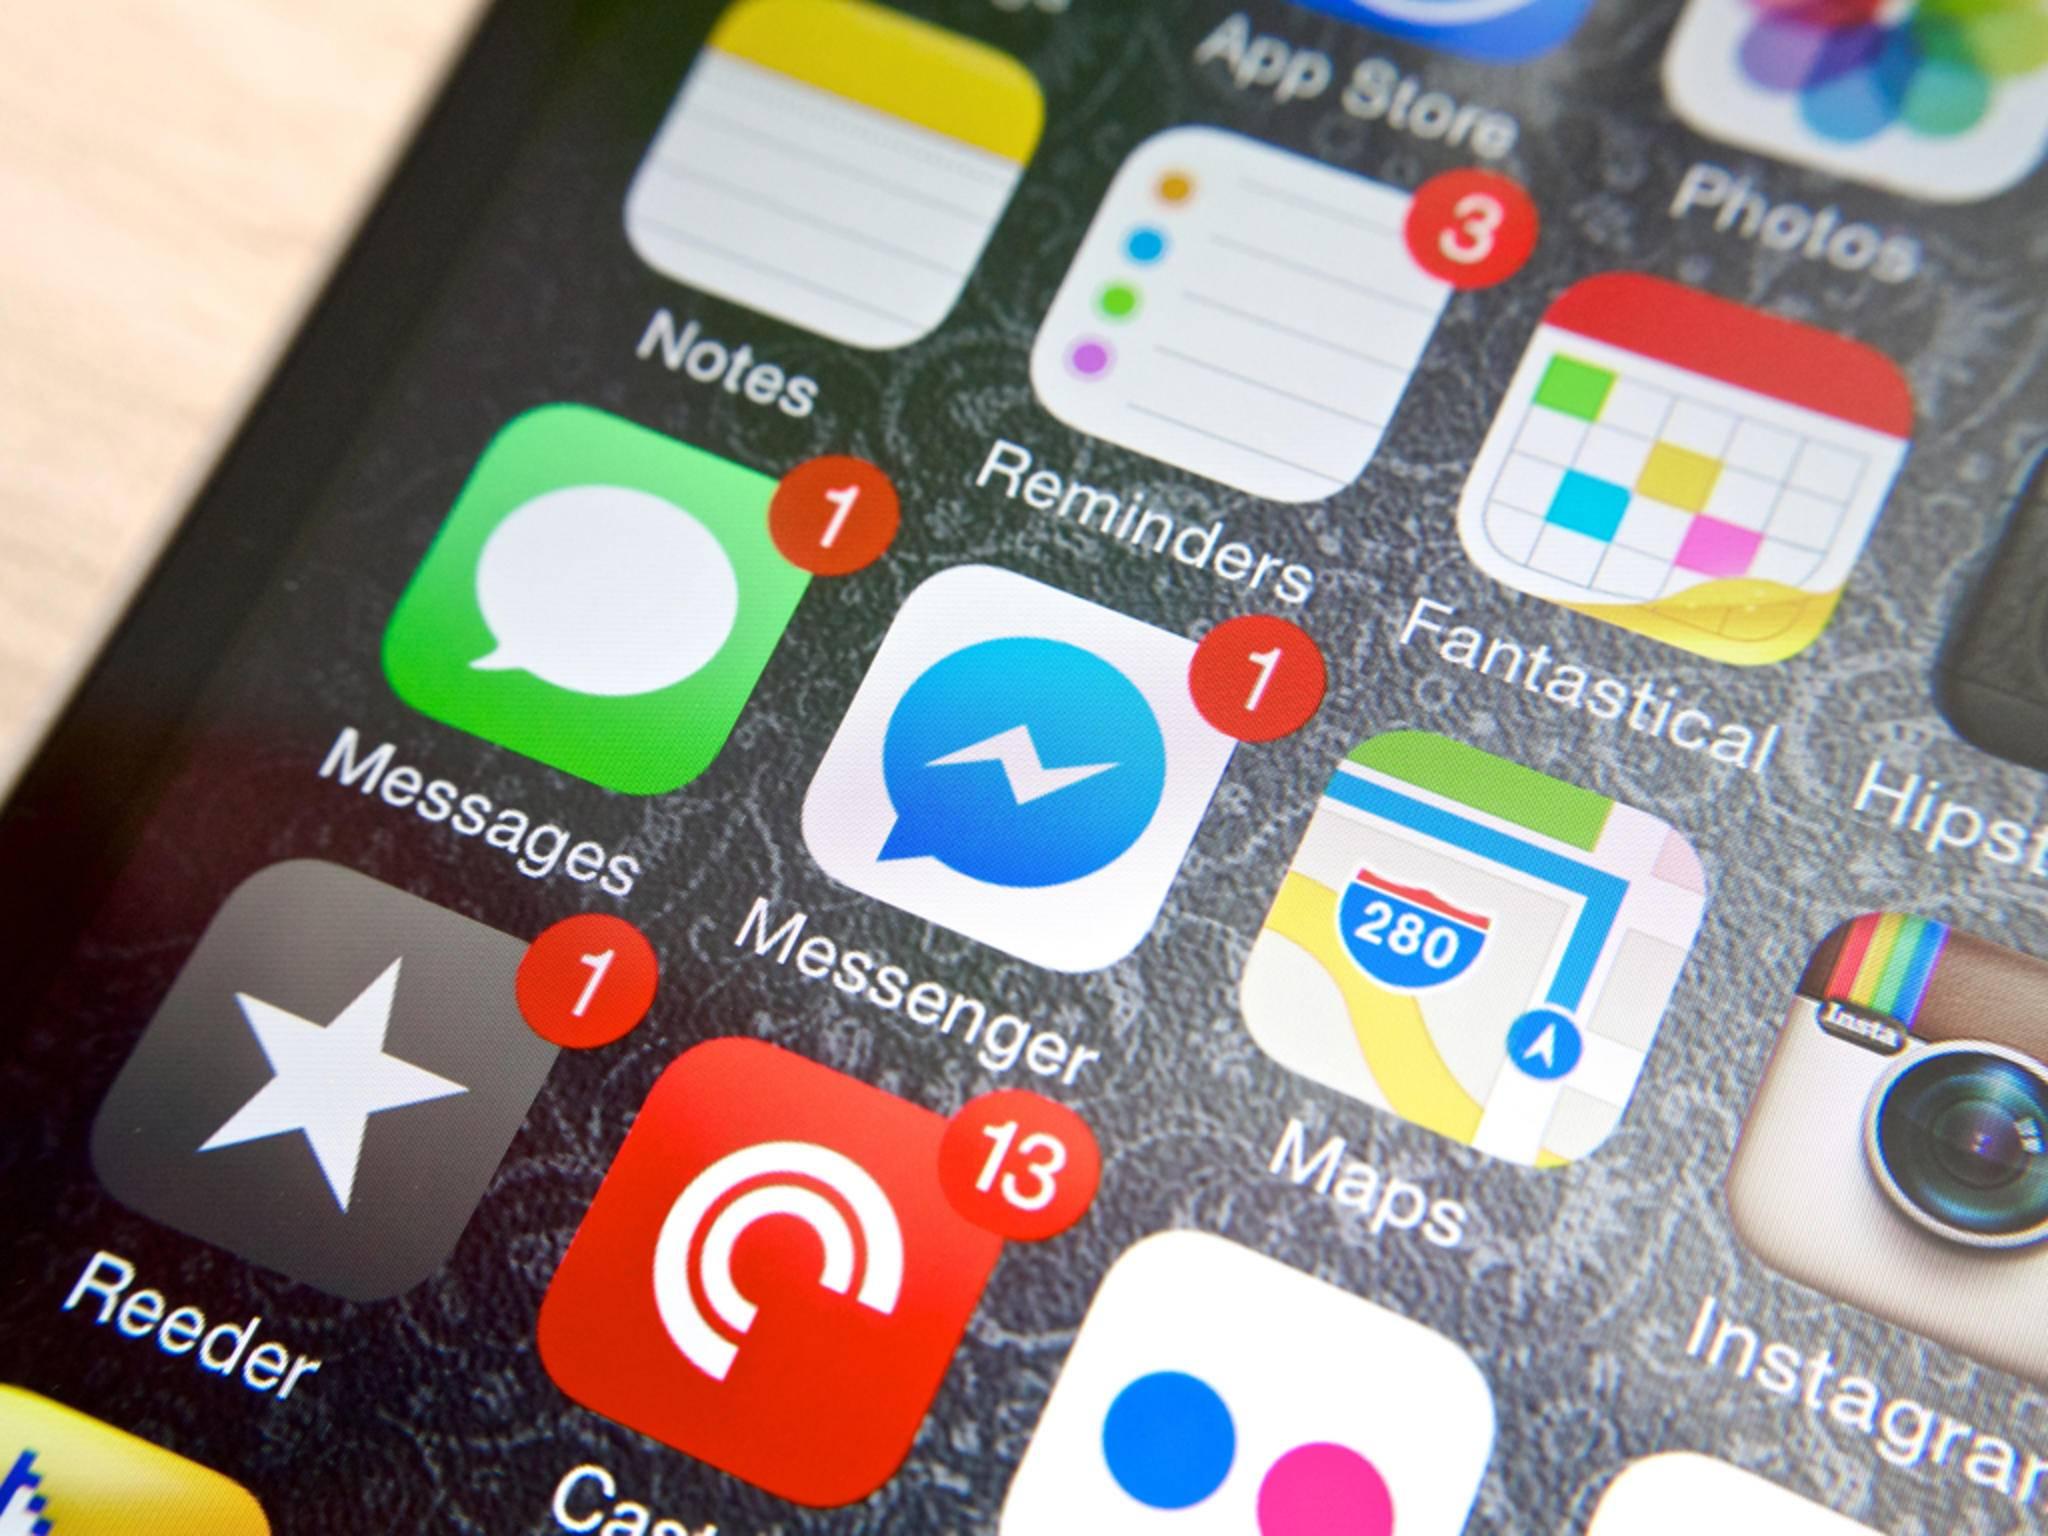 Der Facebook Messenger bekommt ein Update spendiert.